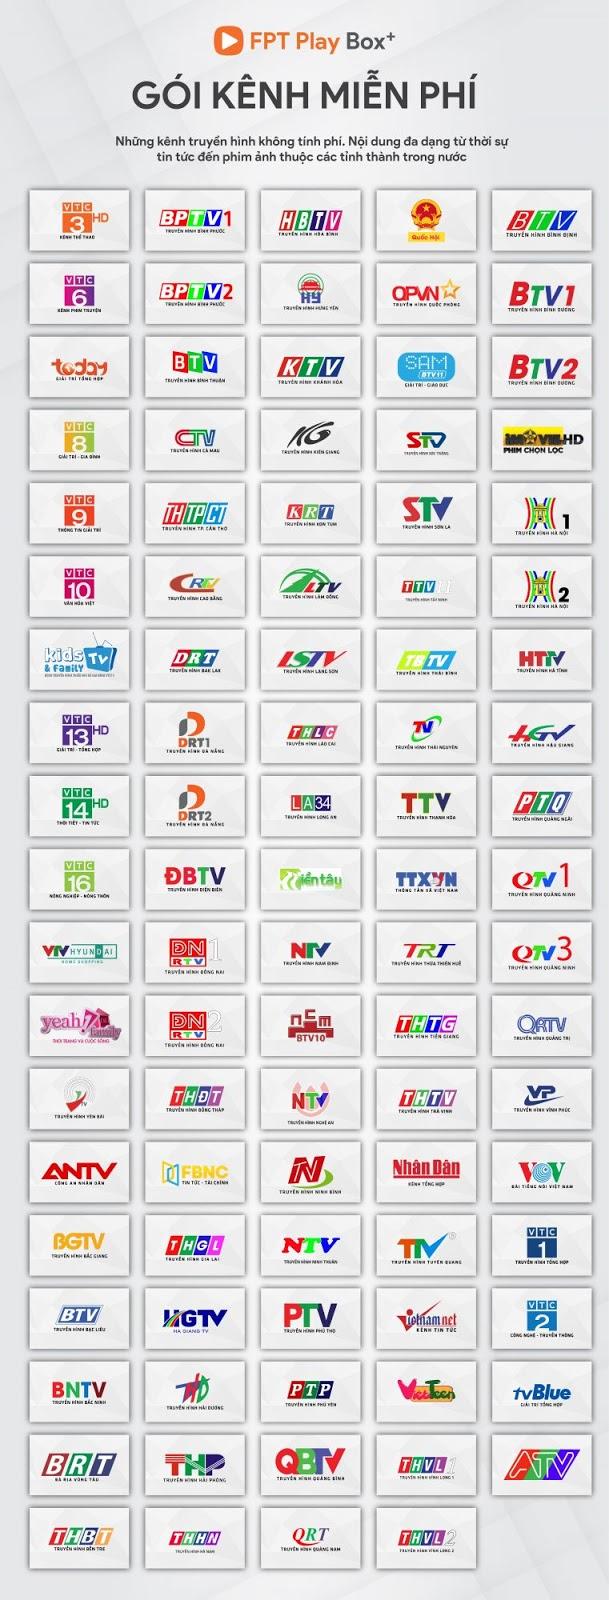 Danh sách kênh fpt play box